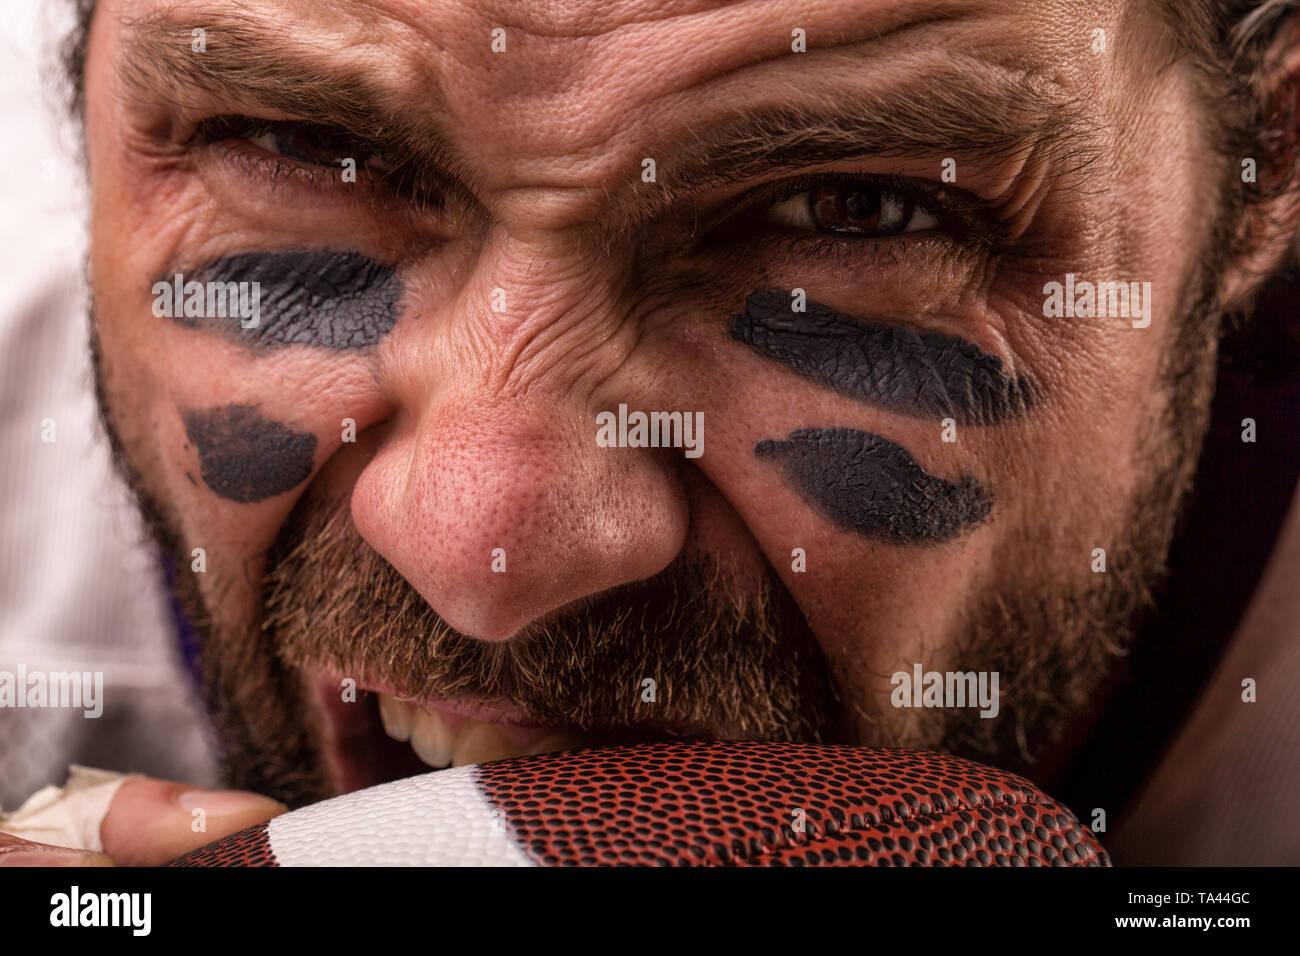 Man Muscular Biting Stock Photos & Man Muscular Biting Stock